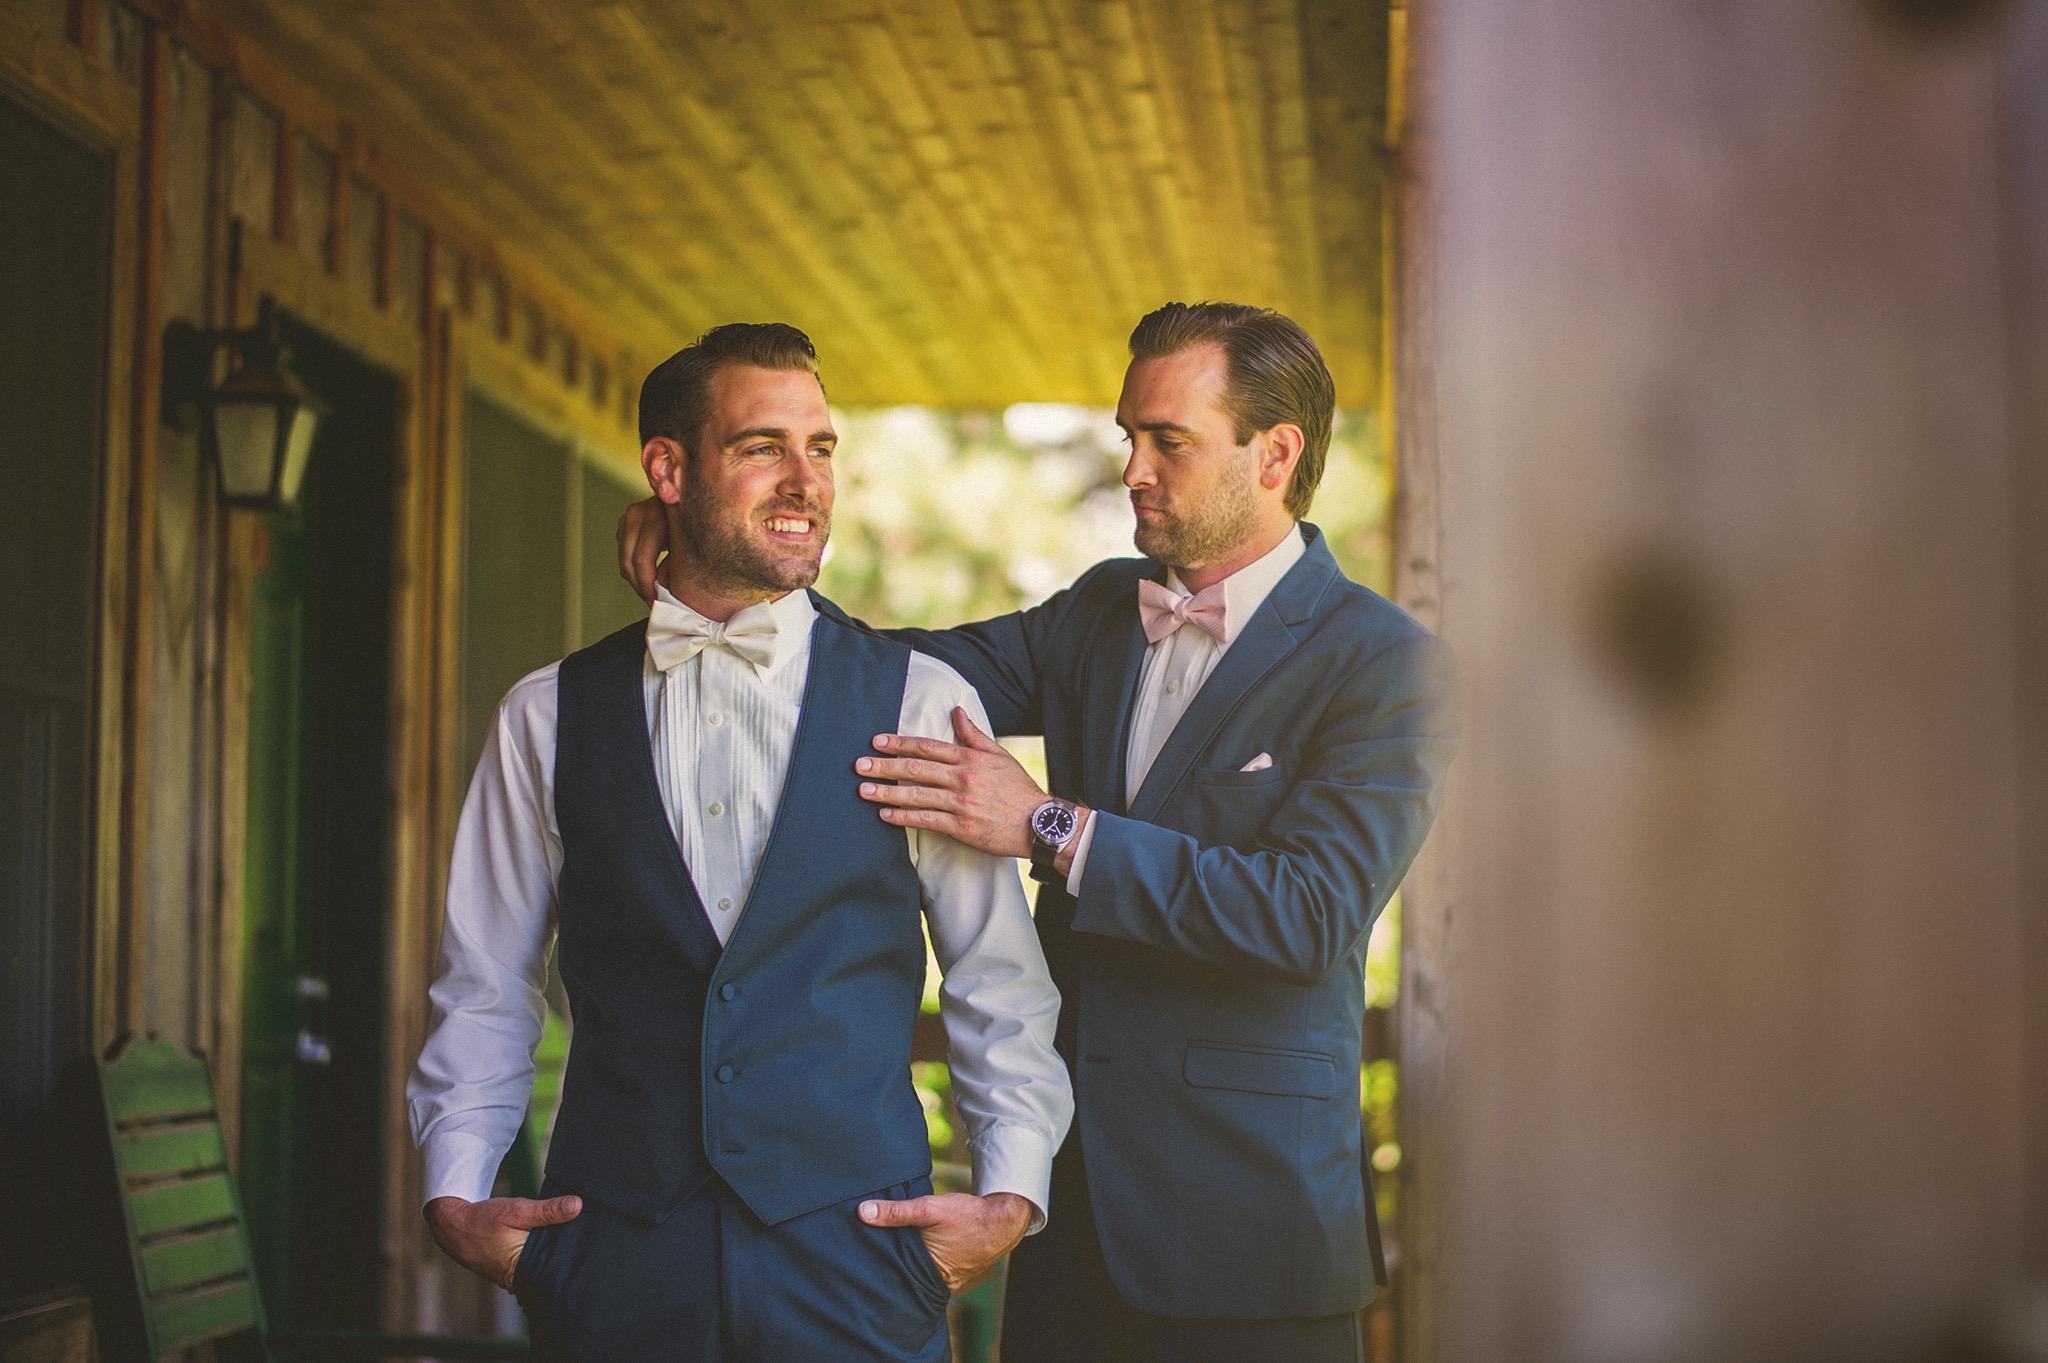 12-groom-and-best-man.jpg